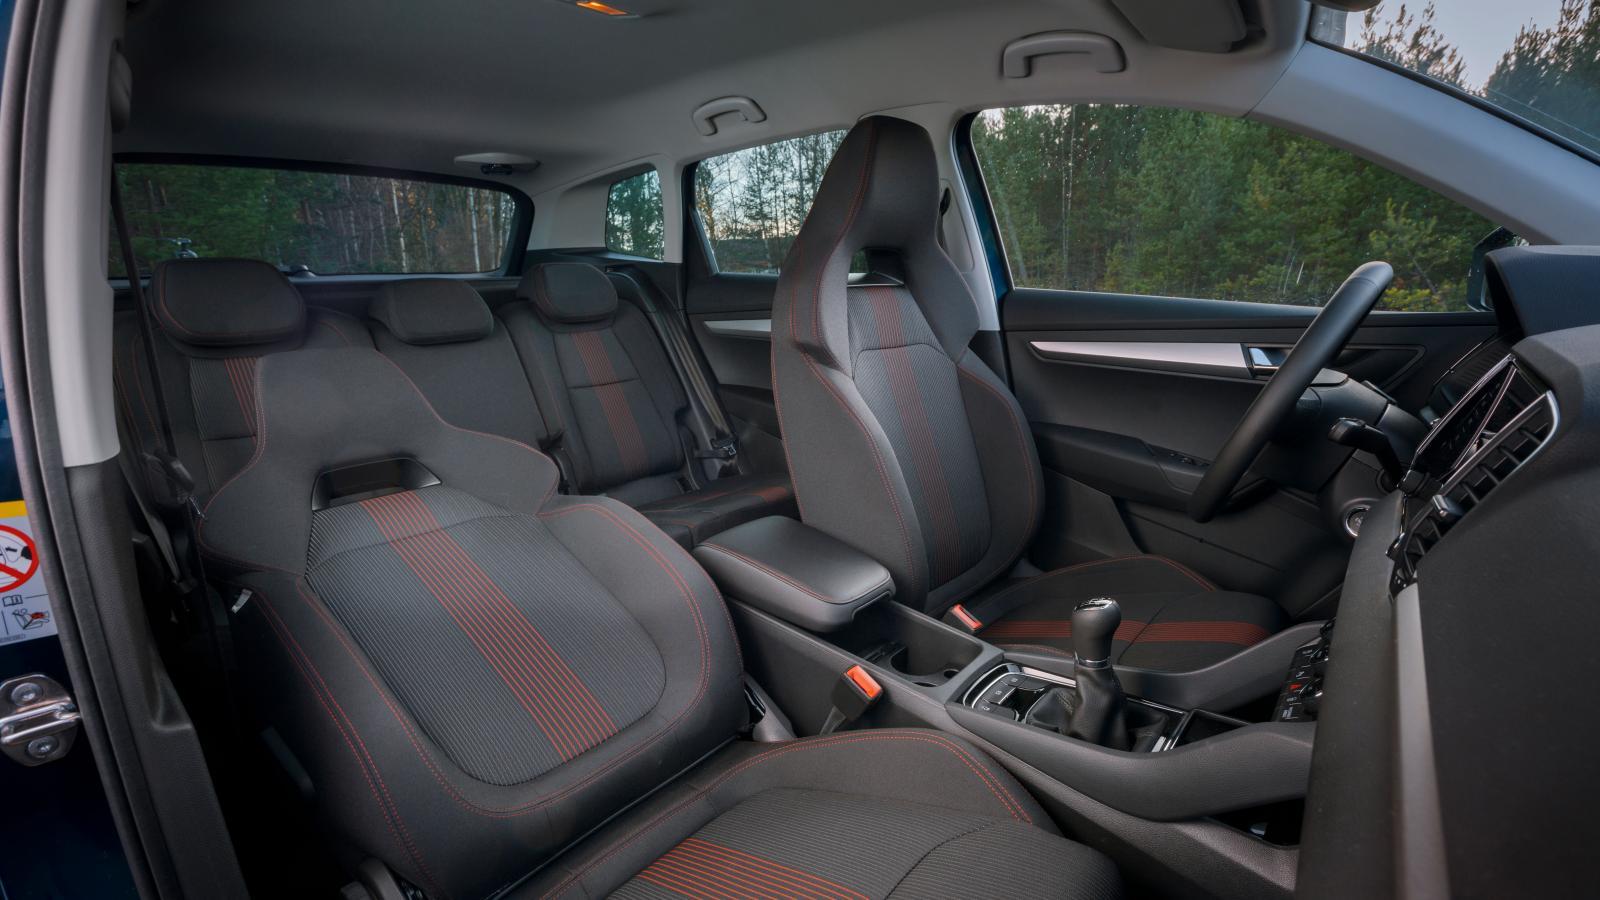 Skoda har bäst kupéutrymmen, dessutom med stora fönsterytor som bidrar till rumskänslan. Enkla men oömma inredningsmaterial. Ingen av bilarna har nackskydd som kan regleras i vinkel.